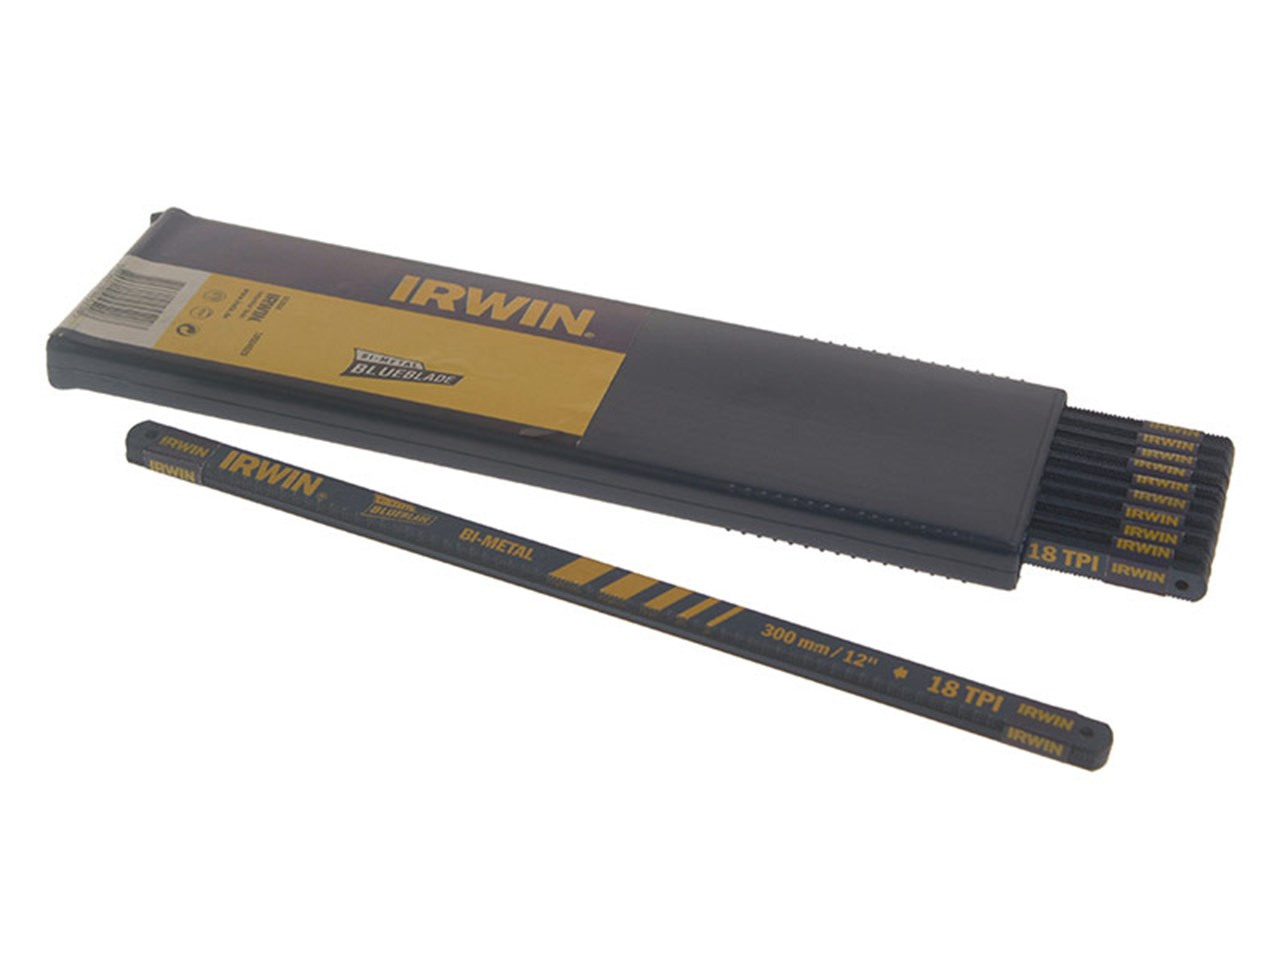 Irwin 10504522 Bi Metal Hacksaw Blades 300mm (12 in) x ...